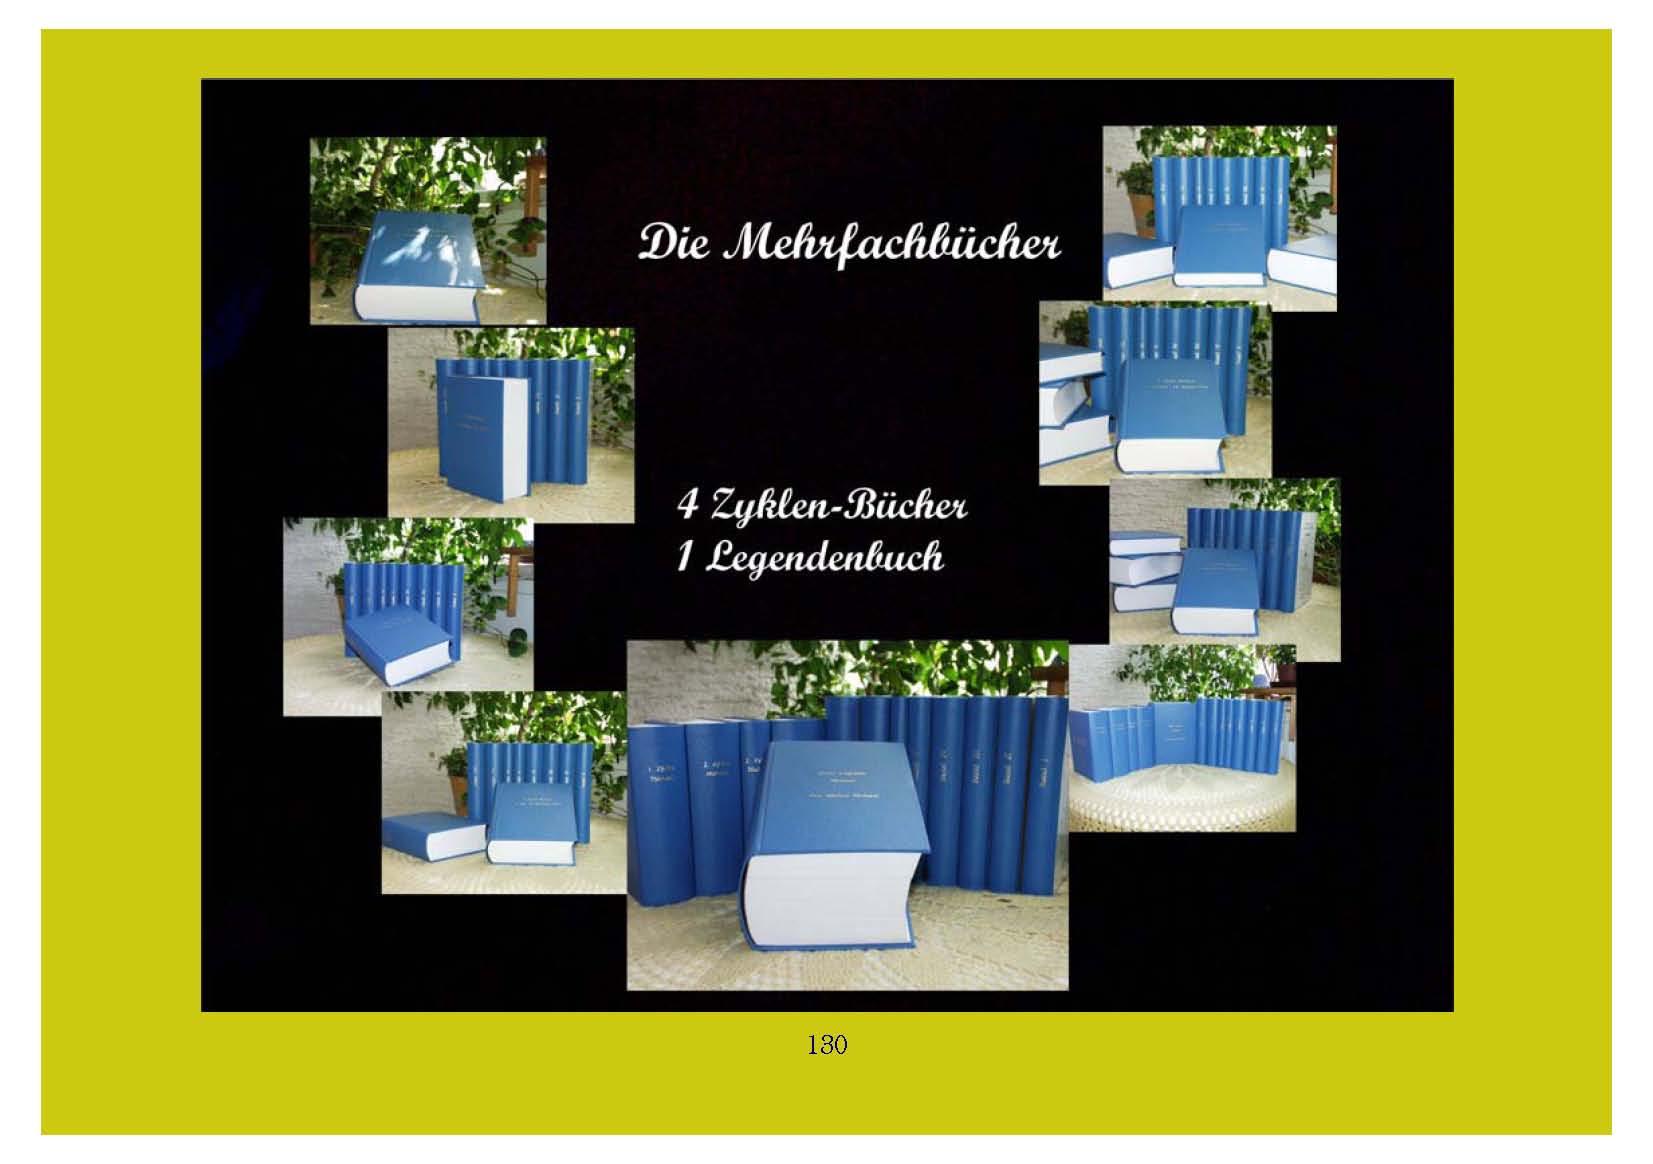 ™Gigabuch-Bibliothek/iAutobiographie Band 13/Bild 0970